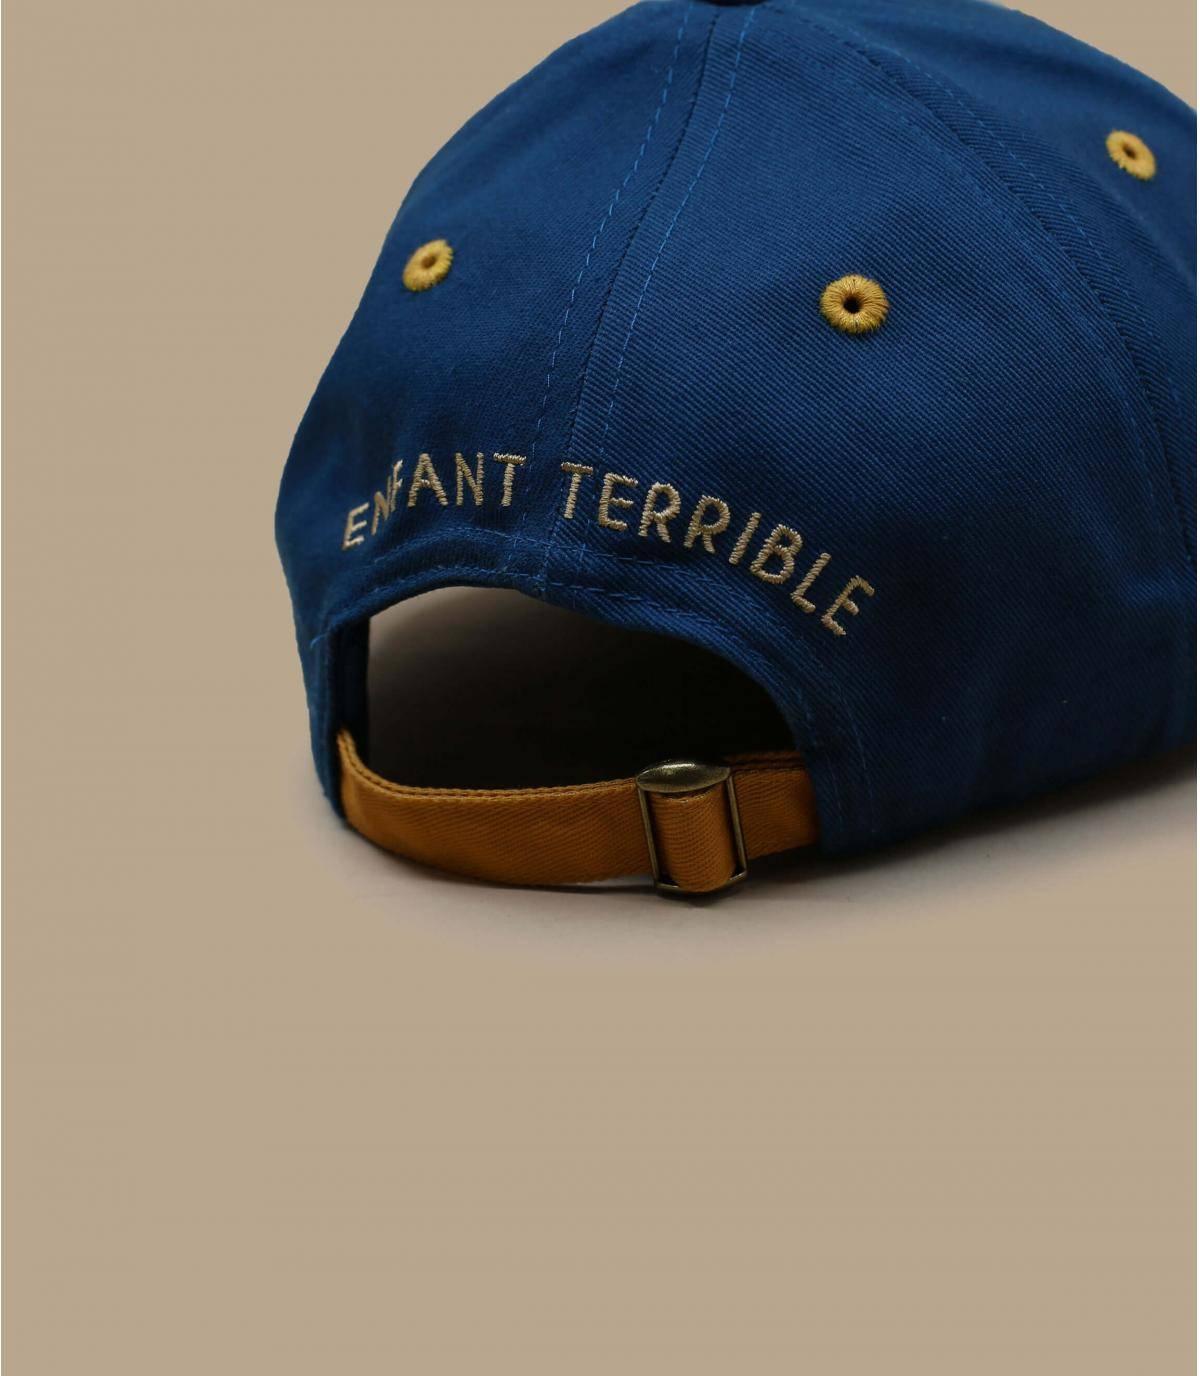 Details Enfant Terrible mineral blue - afbeeling 3